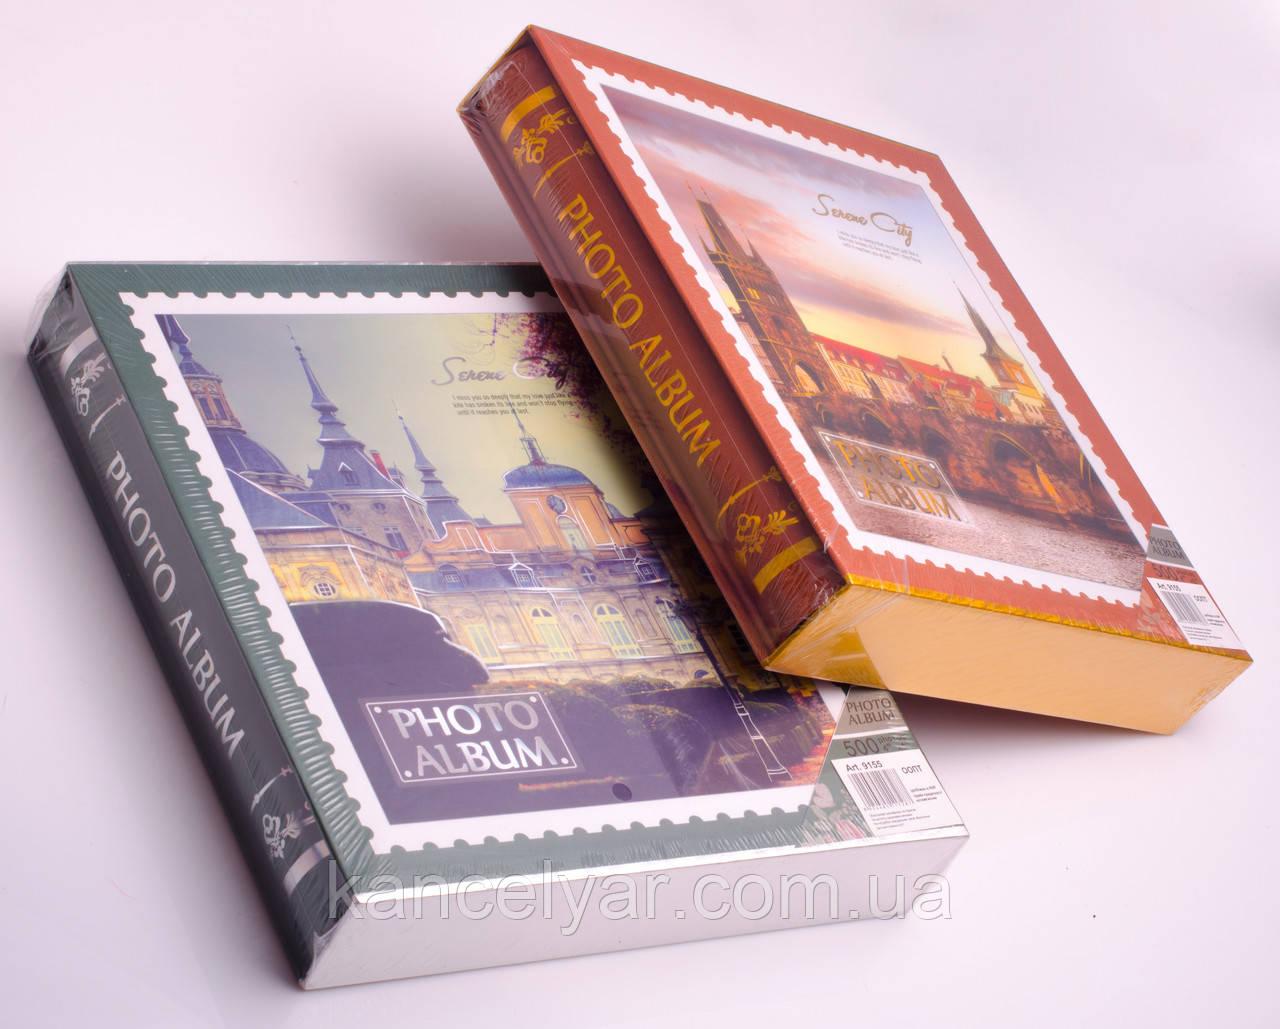 Фотоальбом в коробке: 500 фото, 10х15 см, 31.5х34 см, в ассортименте